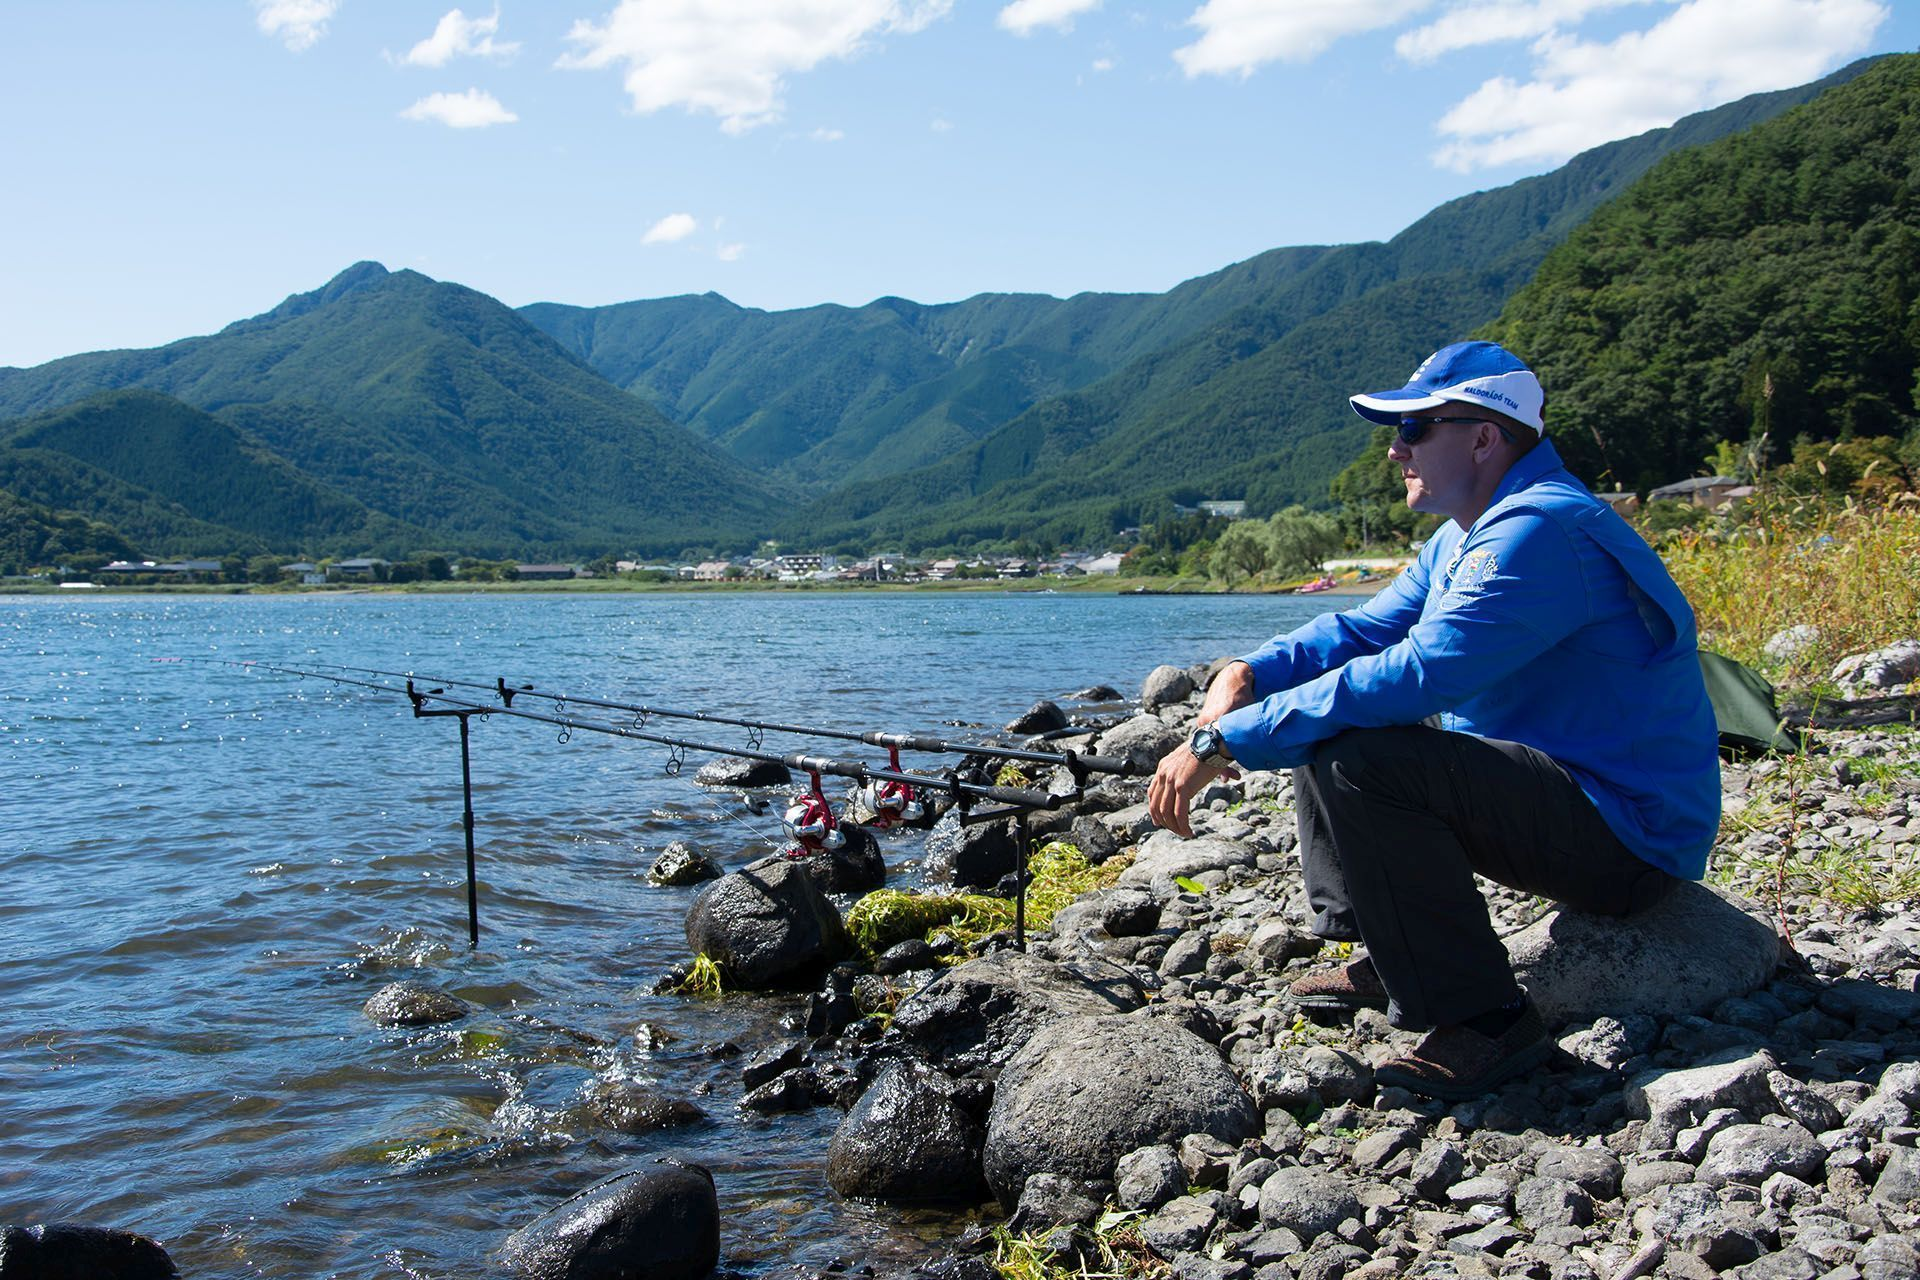 Gábor élete a horgászat, megszállottan keresi a tökéleteset! Nap mint nap komoly erőfeszítéseket tesz termékeink fejlődéséért, legyenek bármilyen zordak a körülmények, vagy legyen bármilyen messze egy horgászhely, ahol újabb ismeretekkel gyarapodhat…